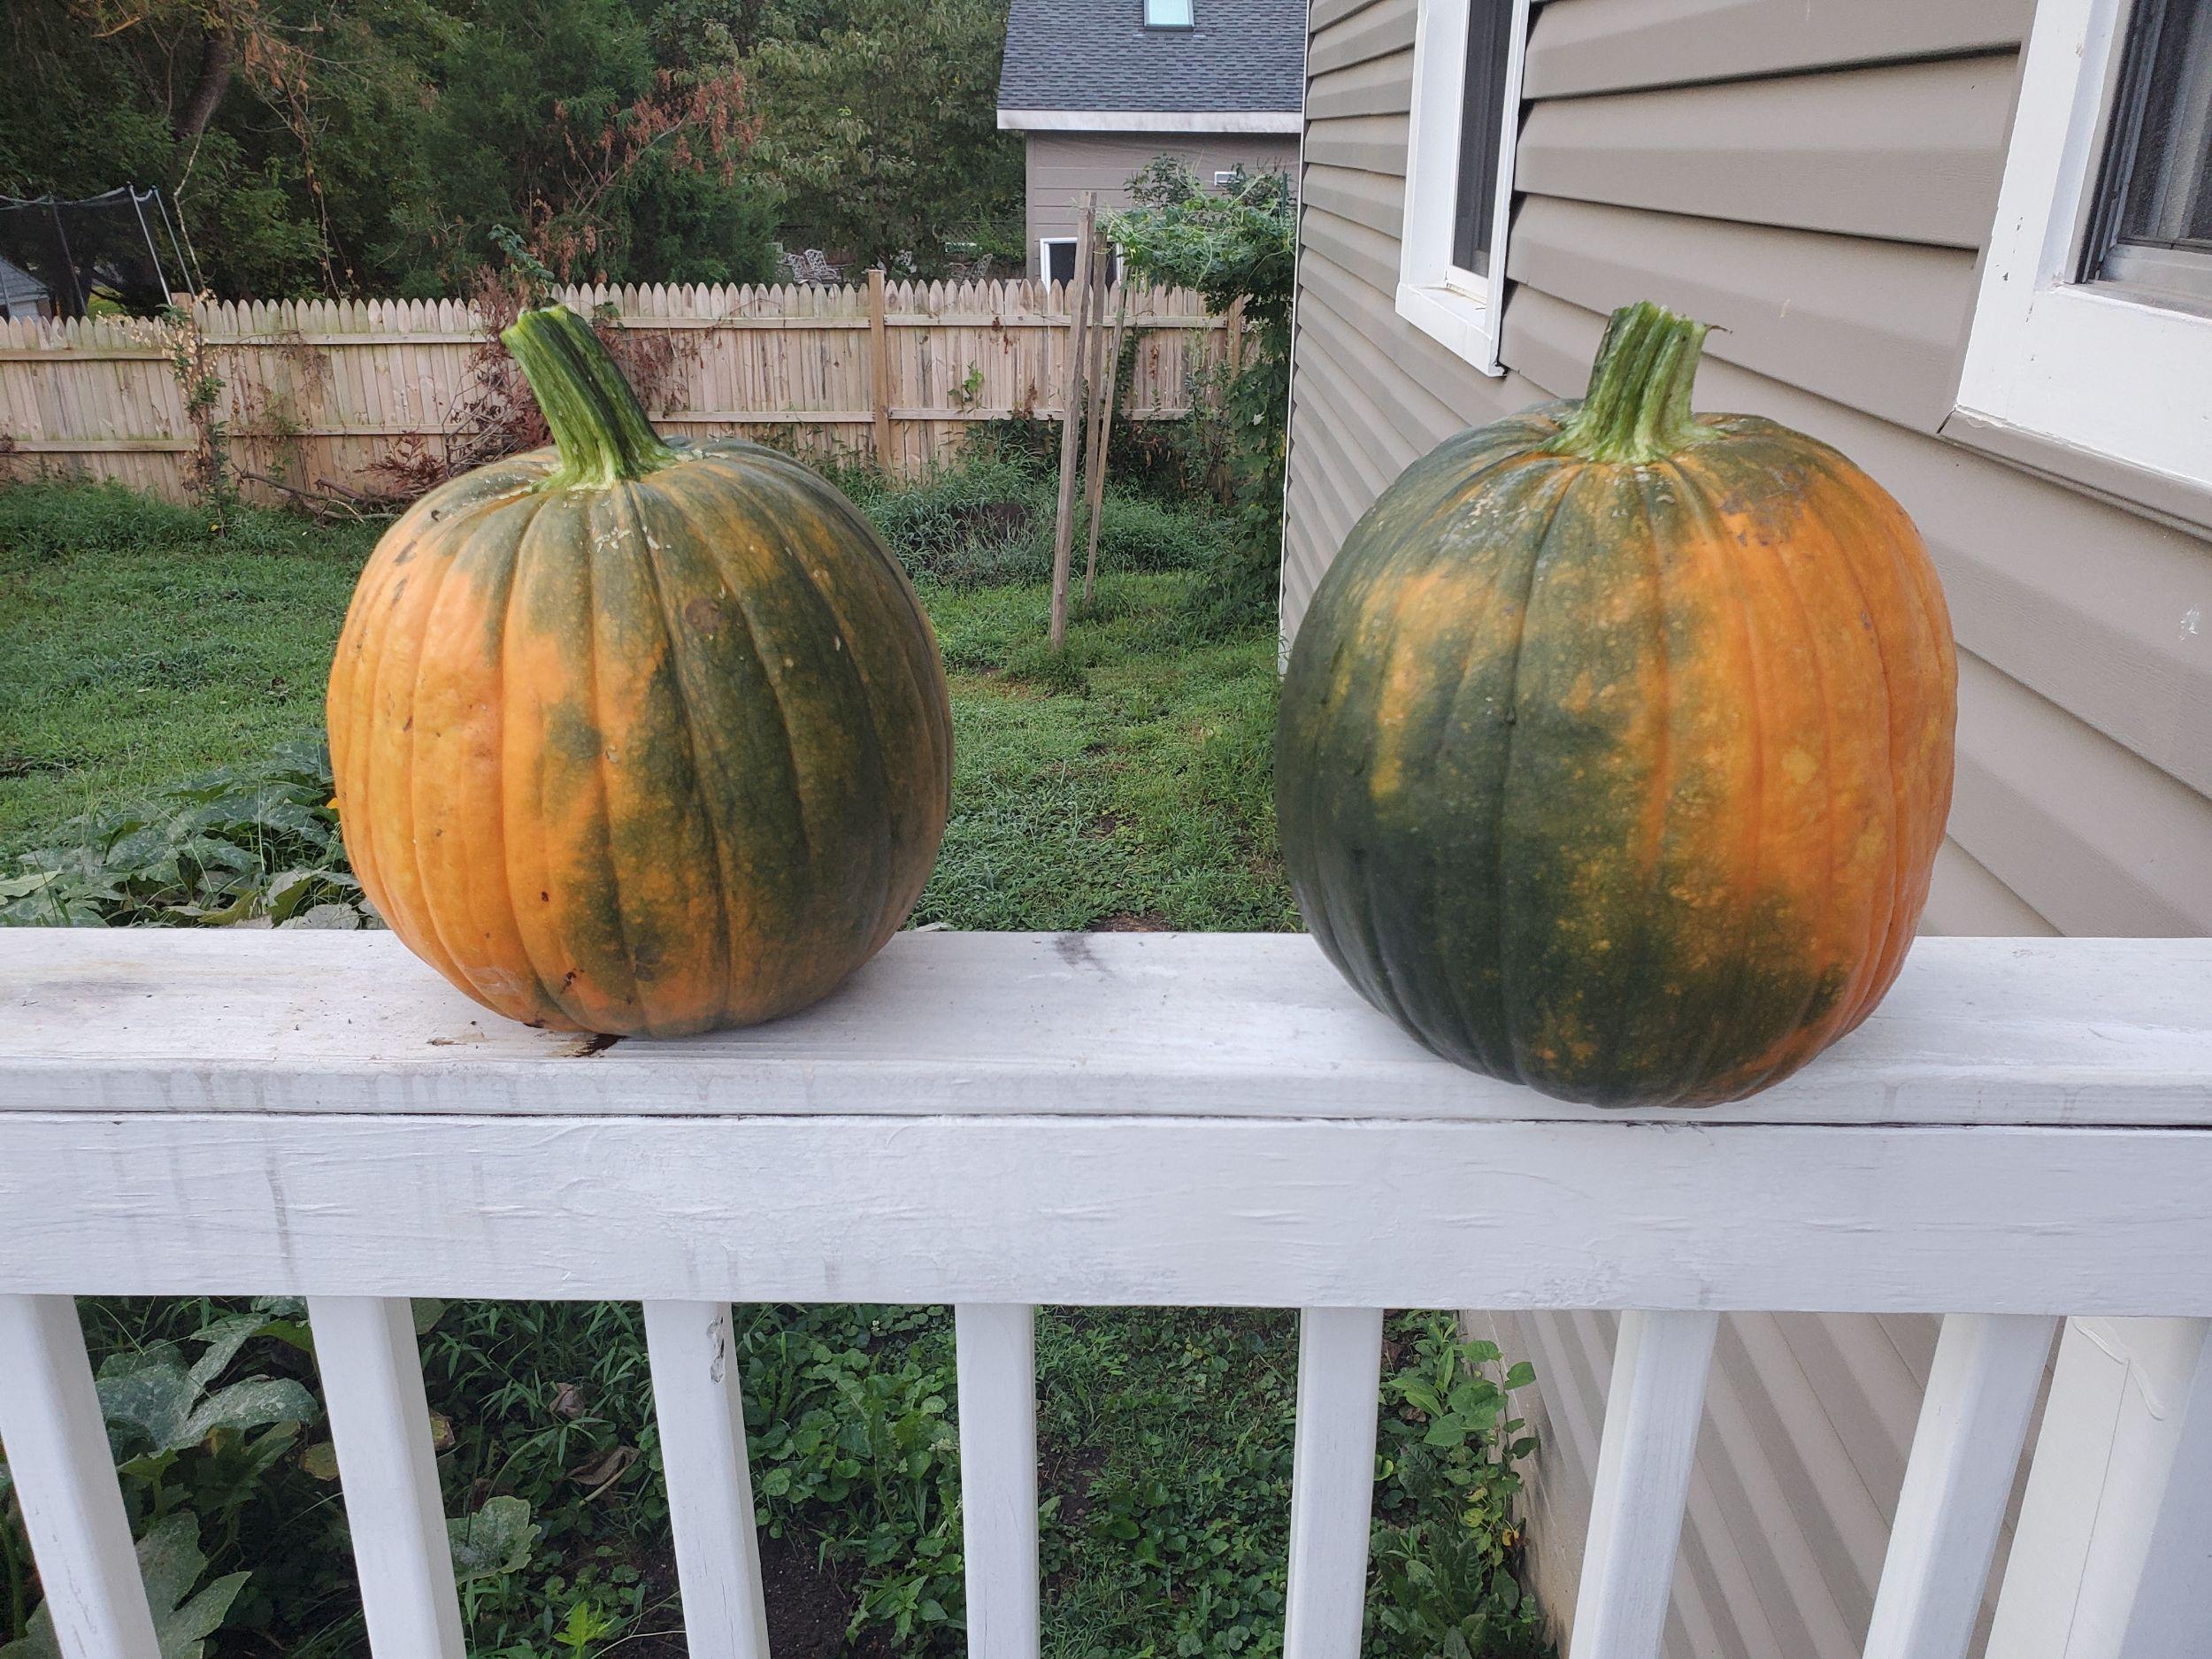 Pumpkins Grown with Bloom